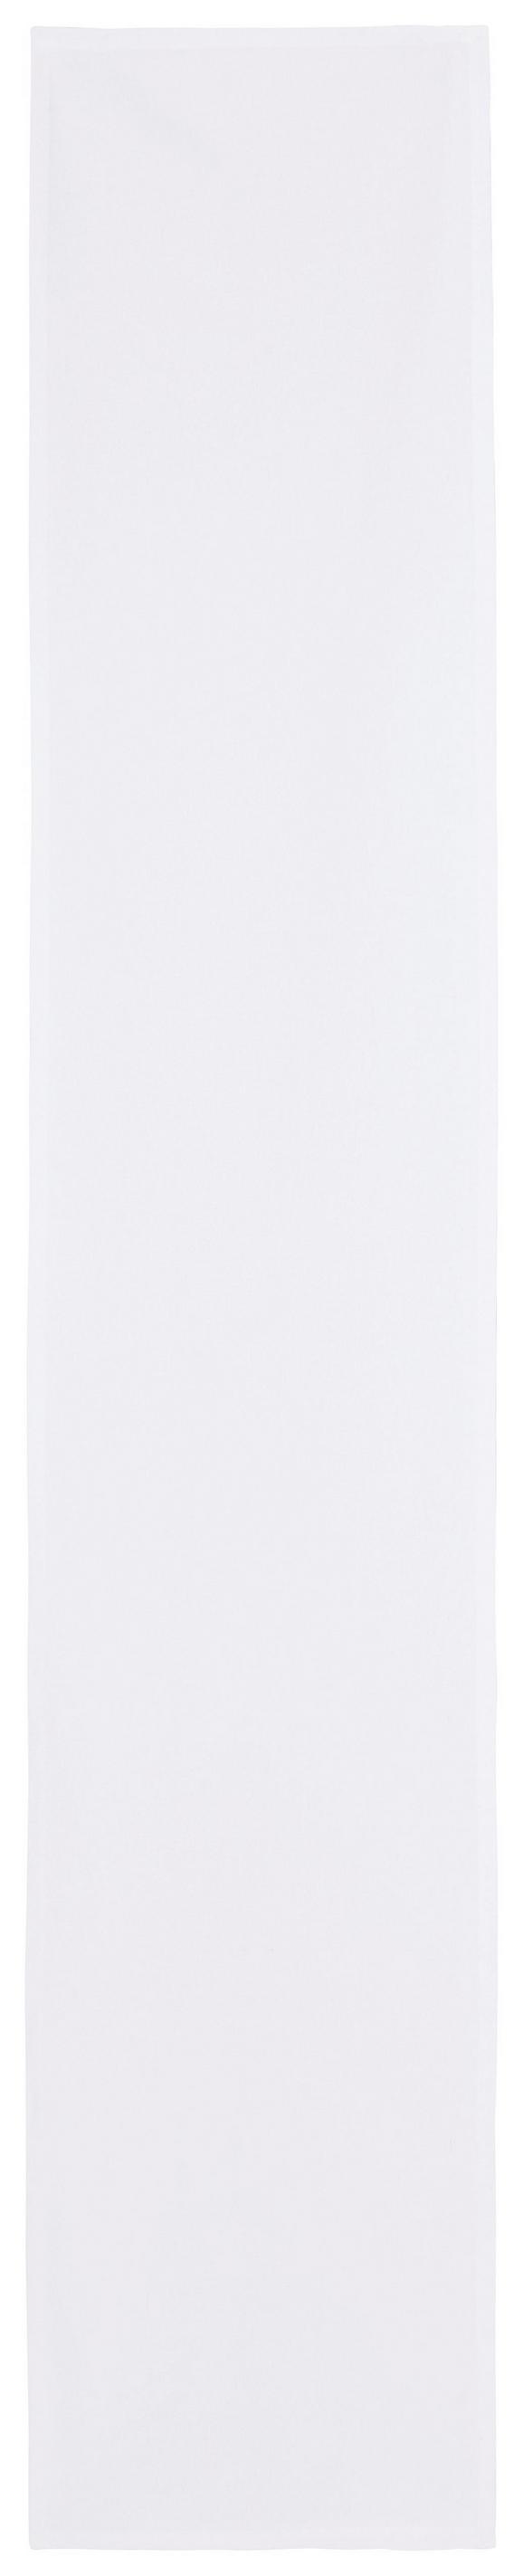 Tischläufer Steffi in Natur - Naturfarben, Textil (45/240cm) - MÖMAX modern living